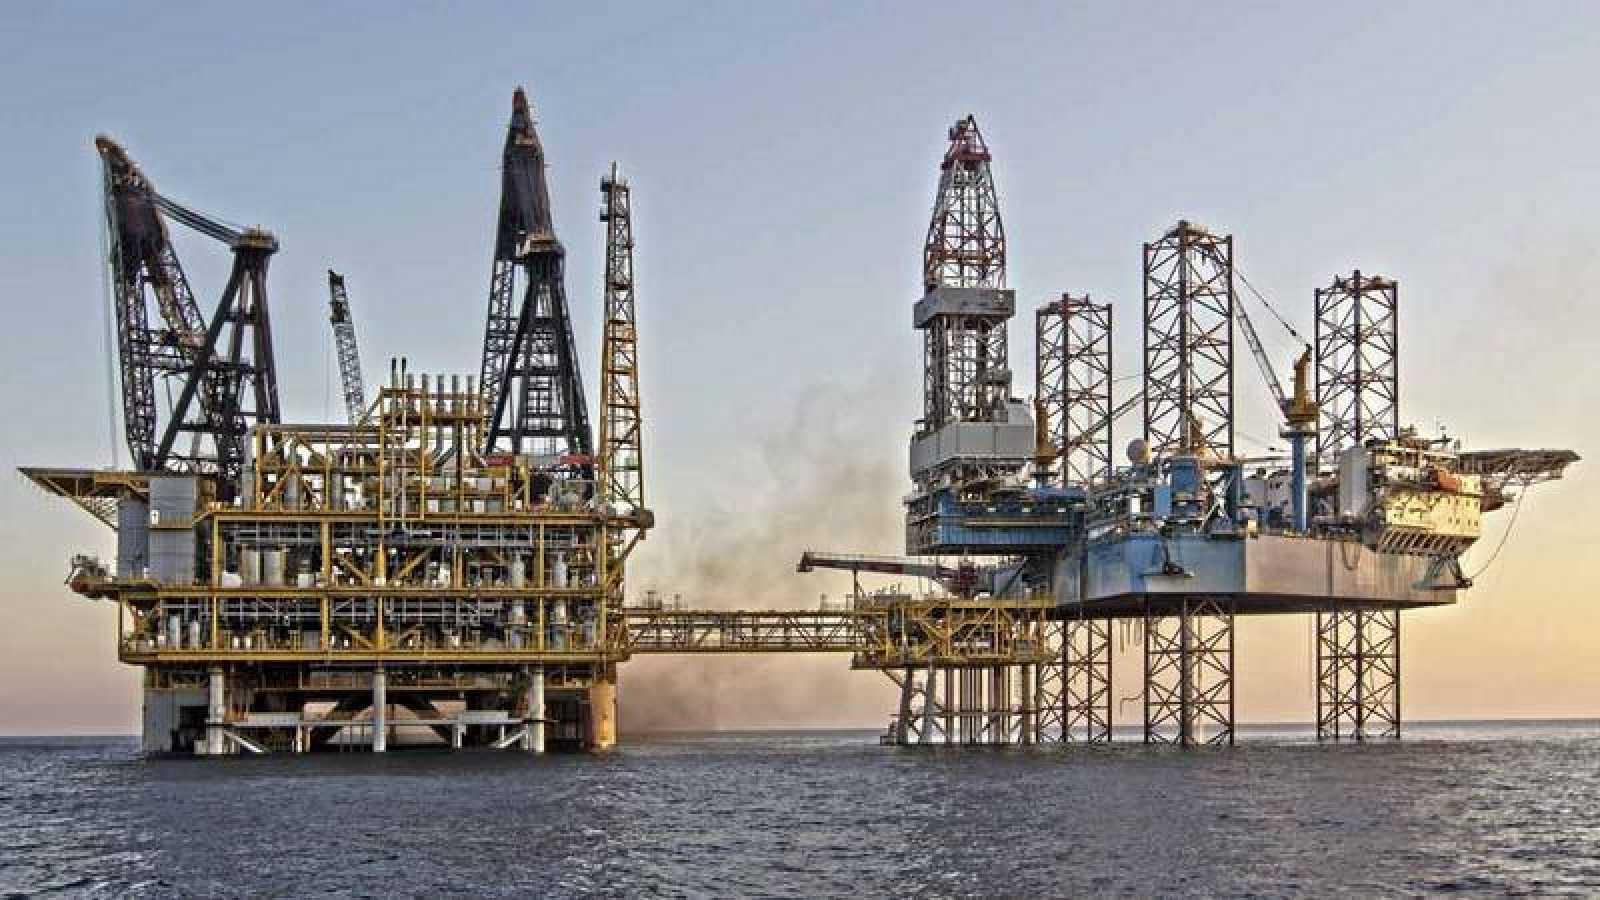 El Gobierno suspendió en septiembre de 2013 la inyección de gas en el almacén tras registrarse varios seísmos en la zona